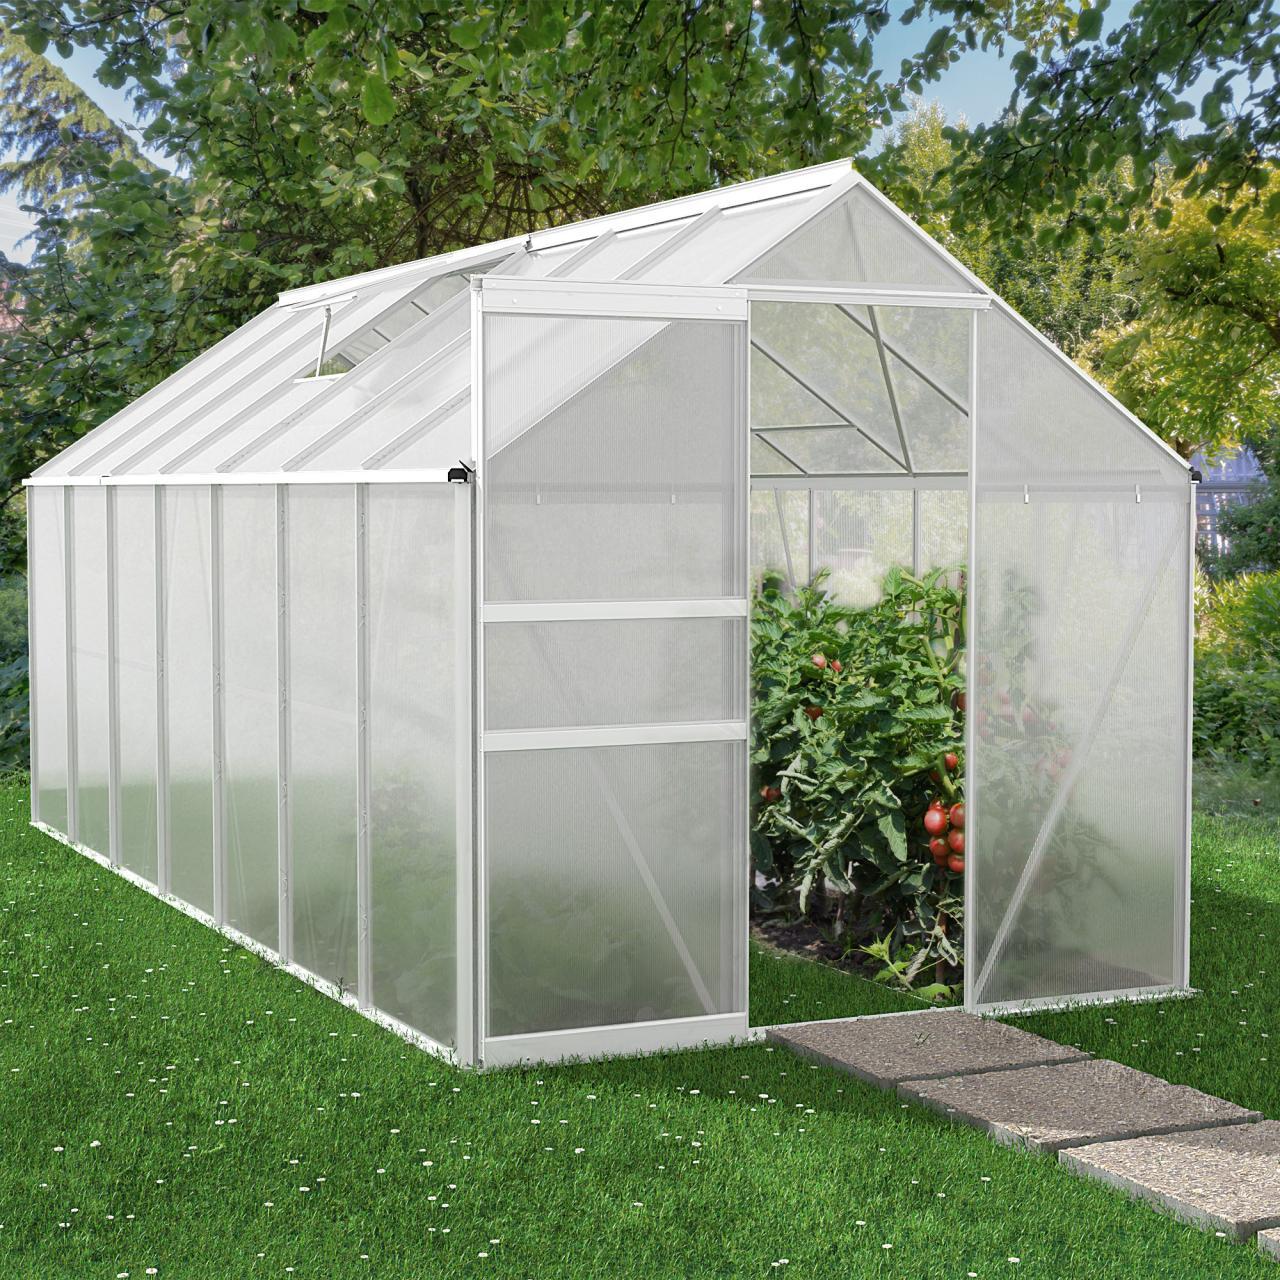 rotfuchs gew chshaus treibhaus fr hbeet garten tomaten pflanzen dachplatten 6 mm ebay. Black Bedroom Furniture Sets. Home Design Ideas